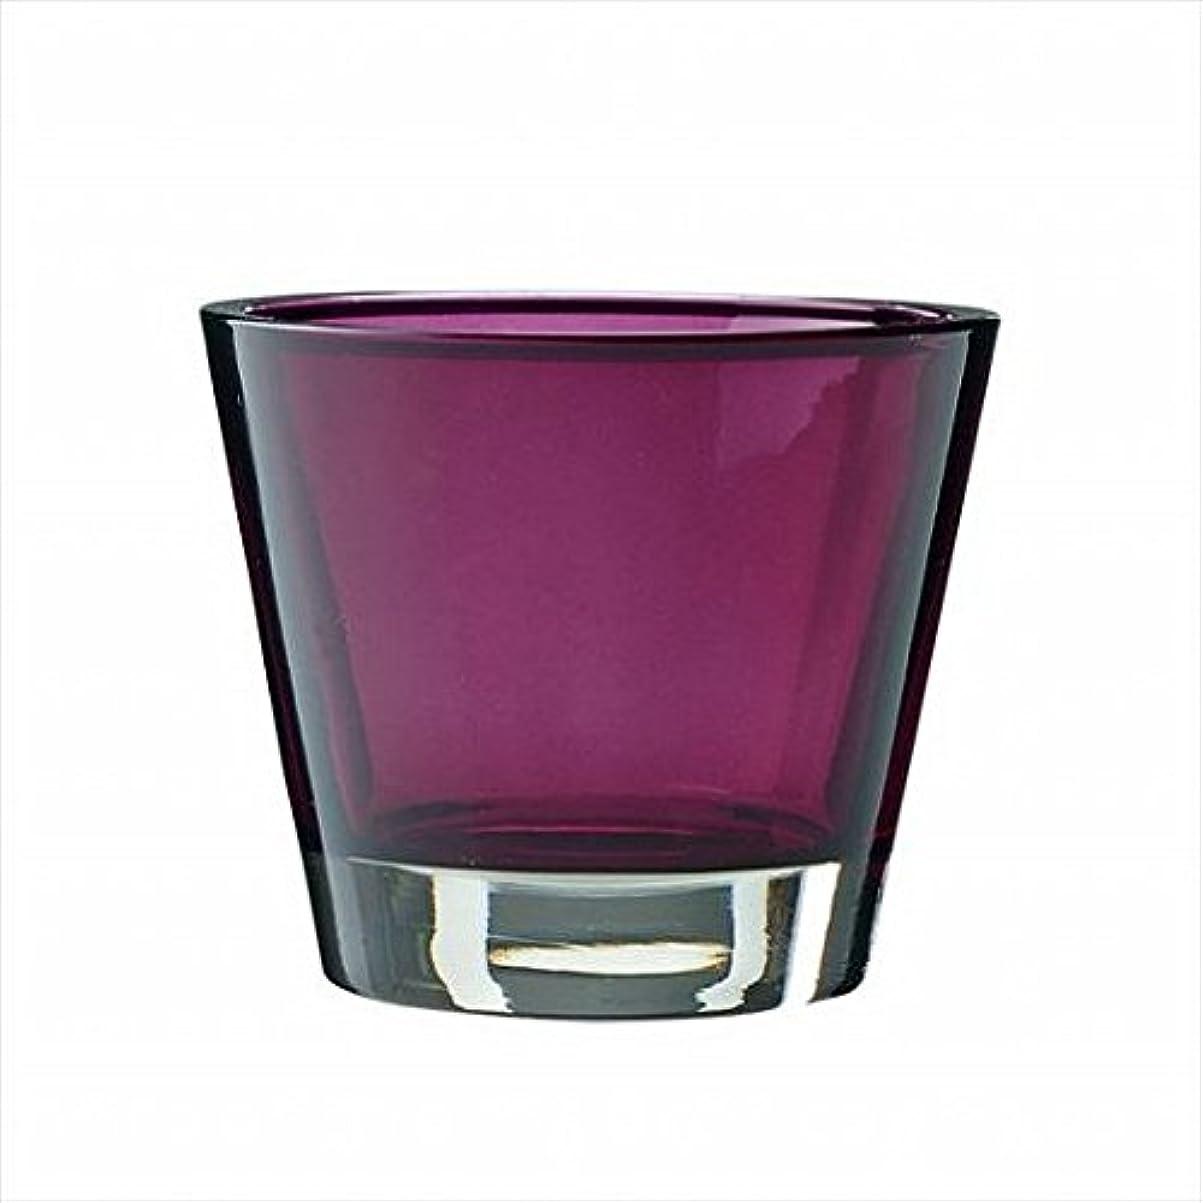 葬儀絶望証書kameyama candle(カメヤマキャンドル) カラリス 「 プラム 」 キャンドル 82x82x70mm (J2540000PL)